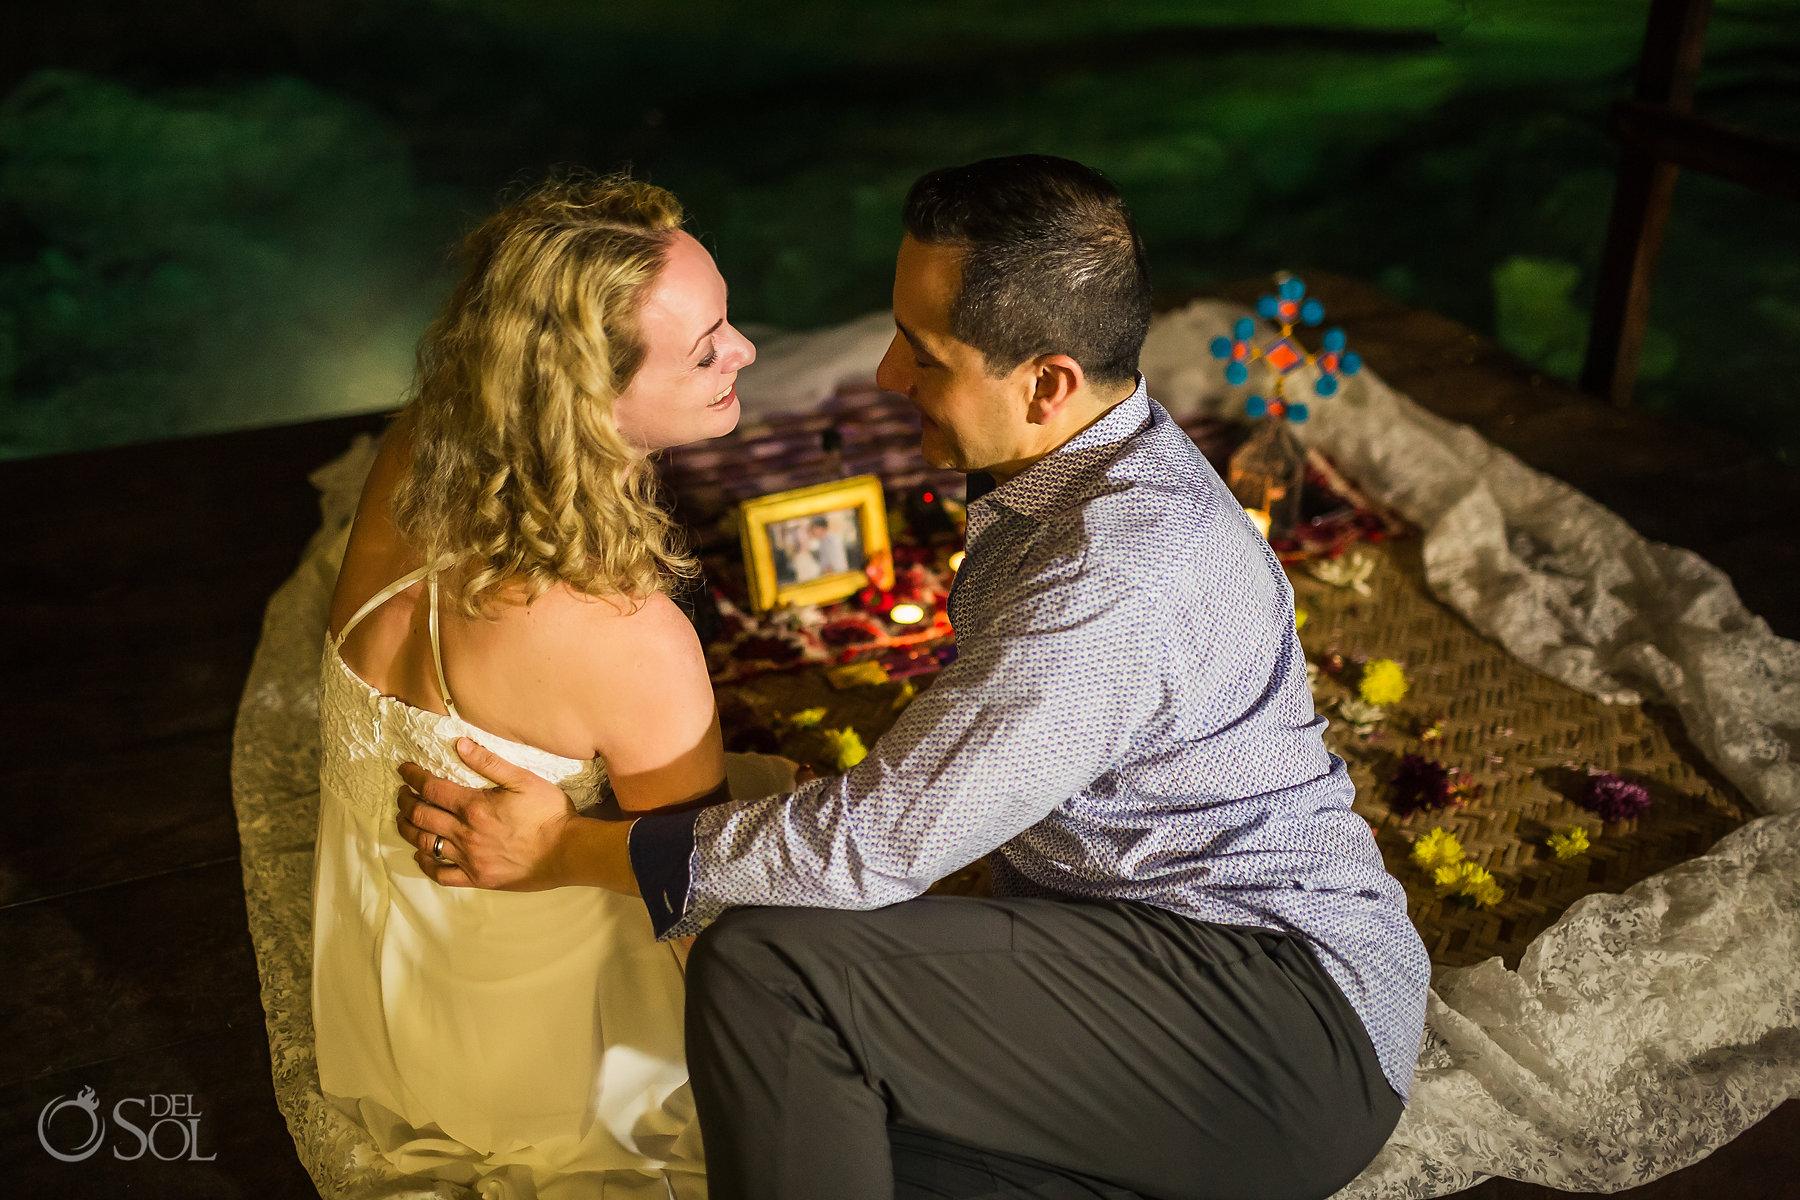 Yucatan Cenote birthday experience